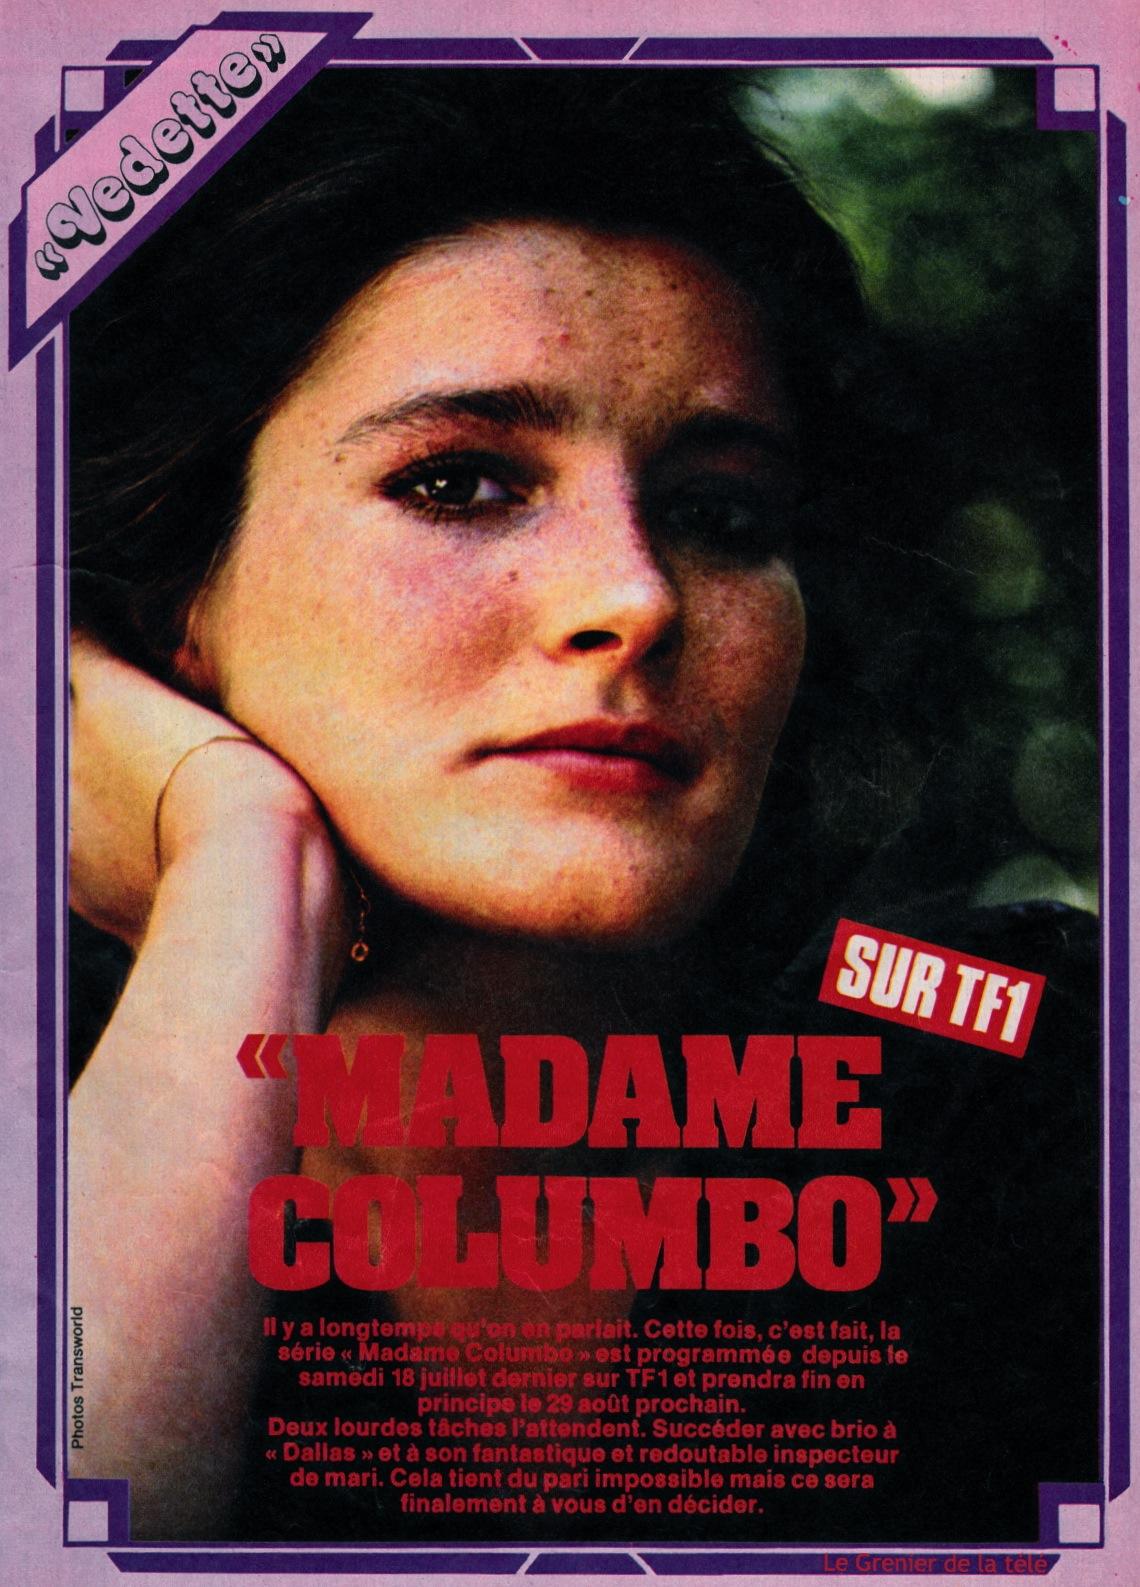 http://grenierdelatv.free.fr/mmecolumbojuill1981a.jpg